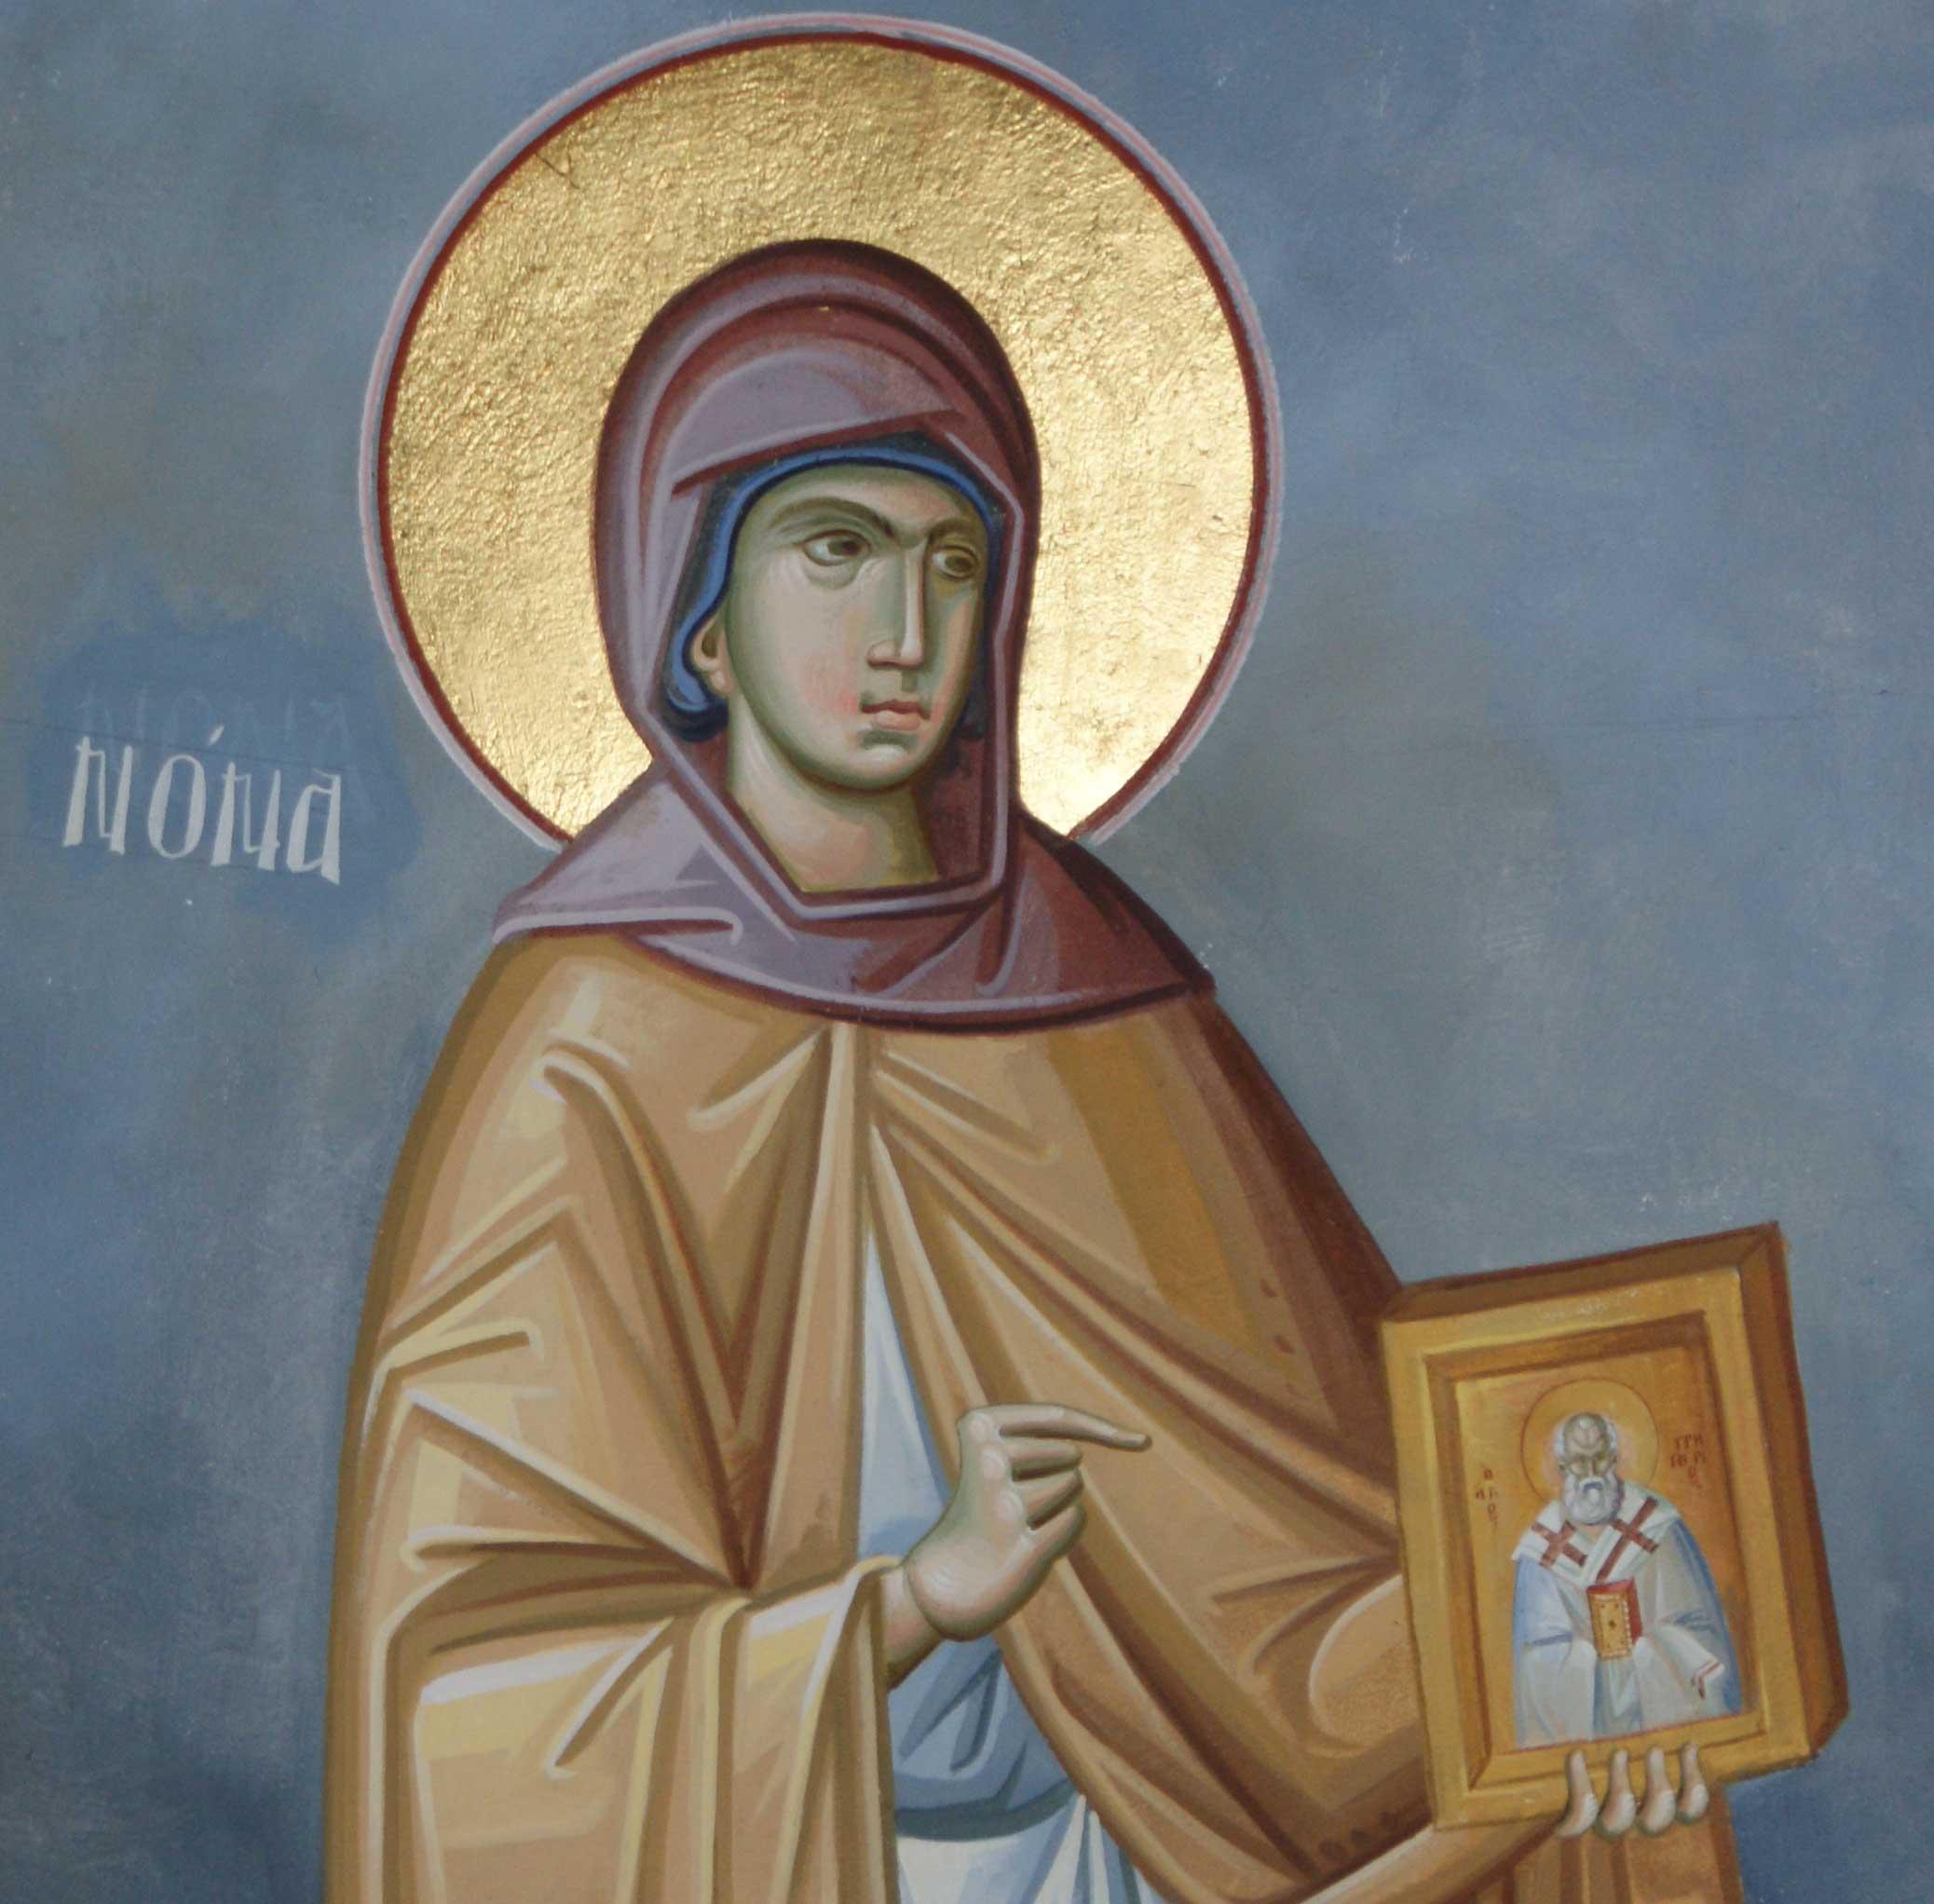 Αγίας και δικαίας Νόννης, μητρός του Αγίου Γρηγορίου του Θεολόγου. 5 Αυγούστου ε.ε..